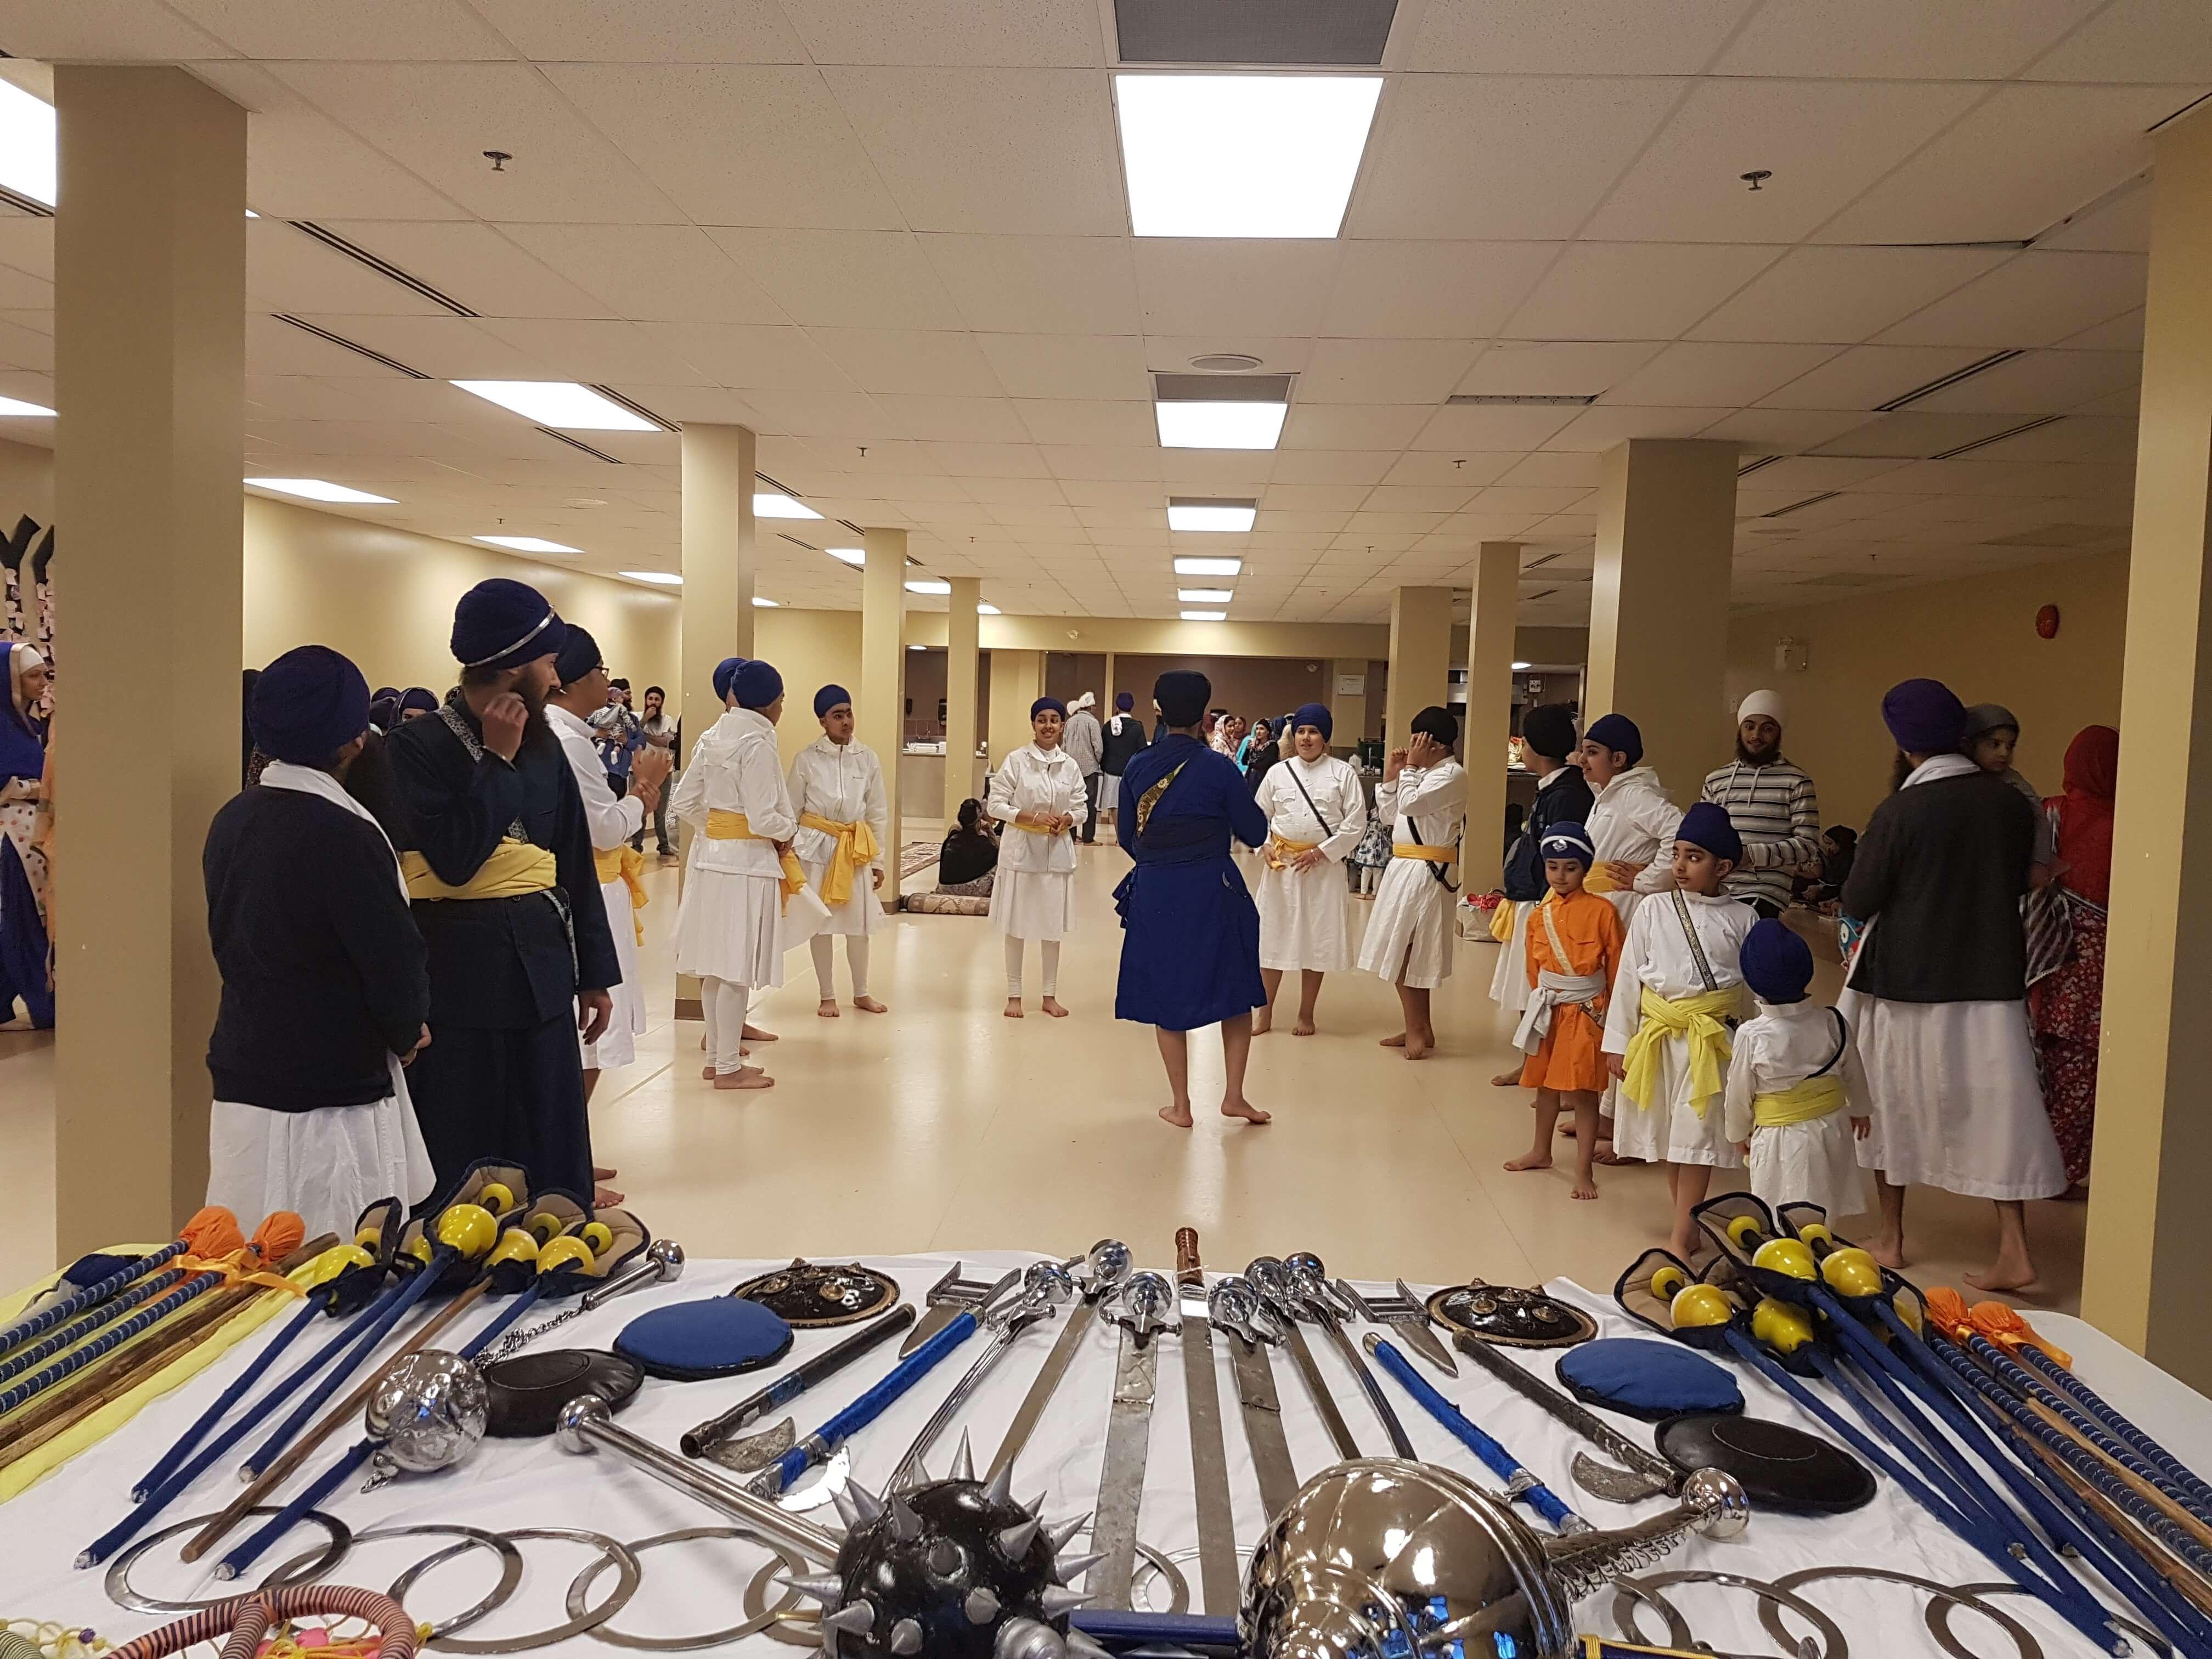 Sikhs performing playing gatka (sikh martial arts)